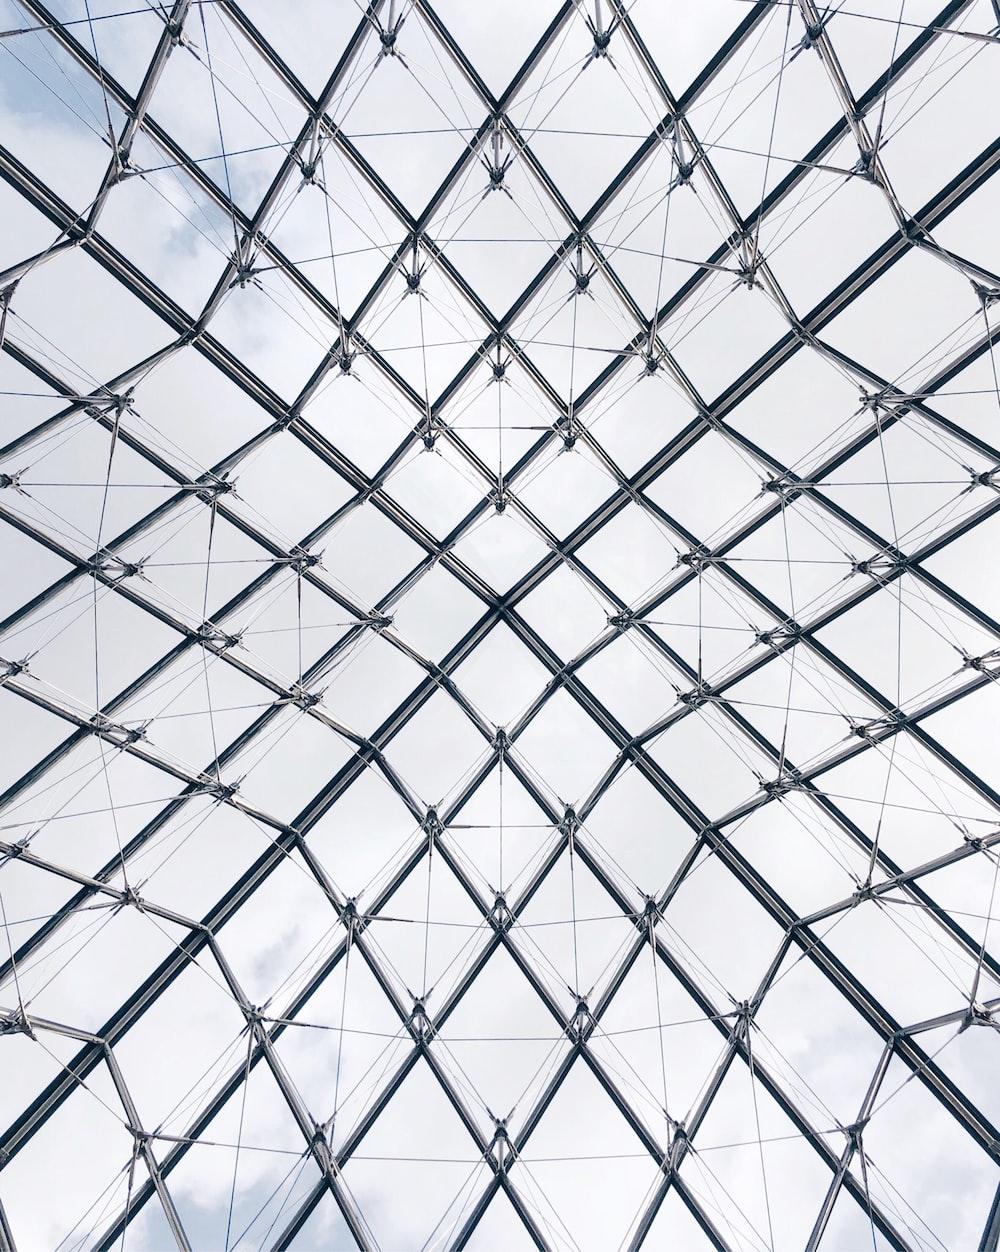 low-angle photo of gray metal frame